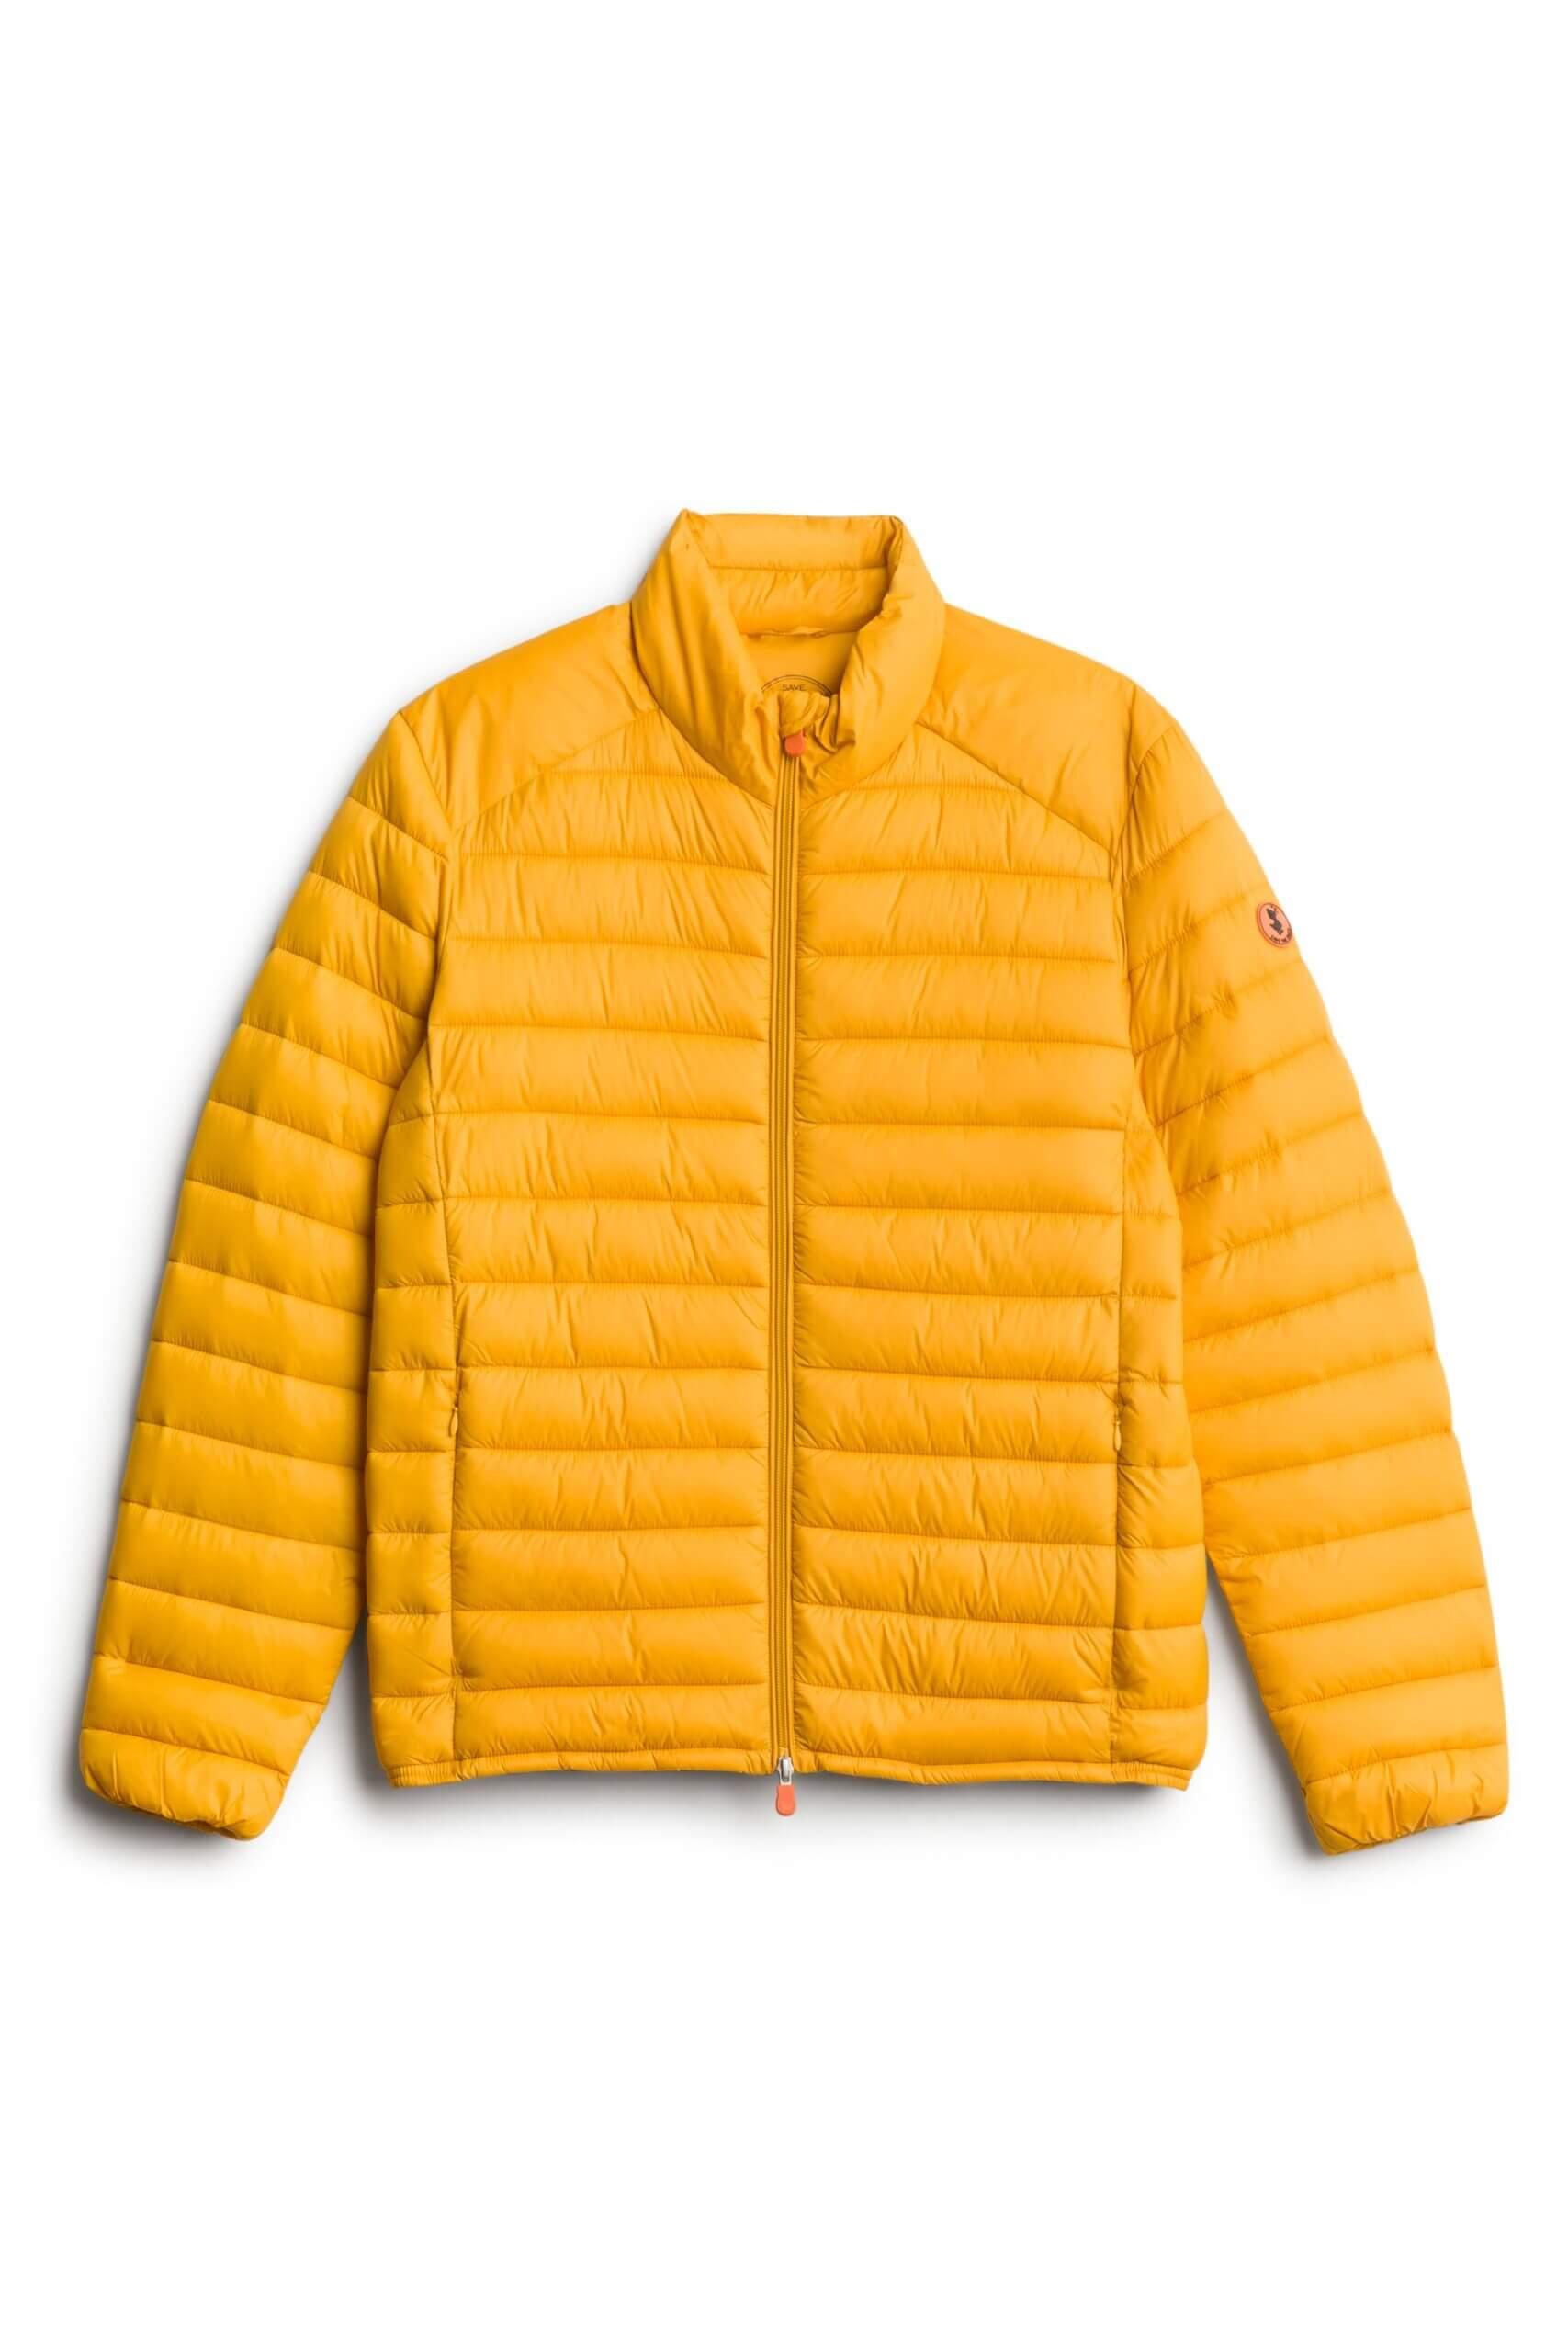 Stitch Fix men's yellow puffer jacket.